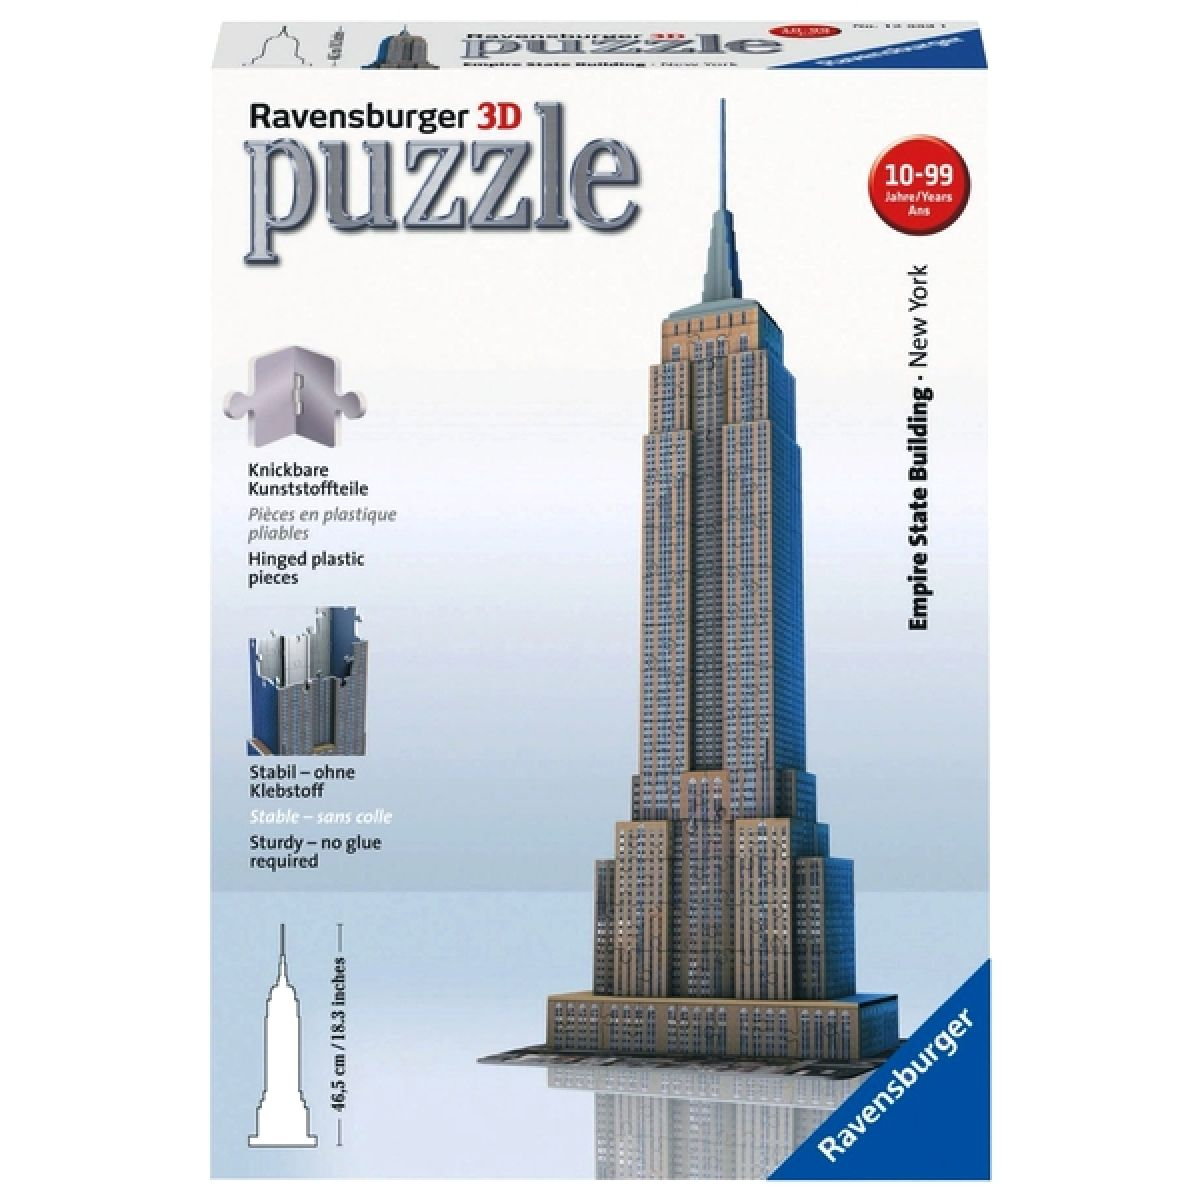 Ravensburger 3D Empire State Building 216 dílků - Poškozený obal